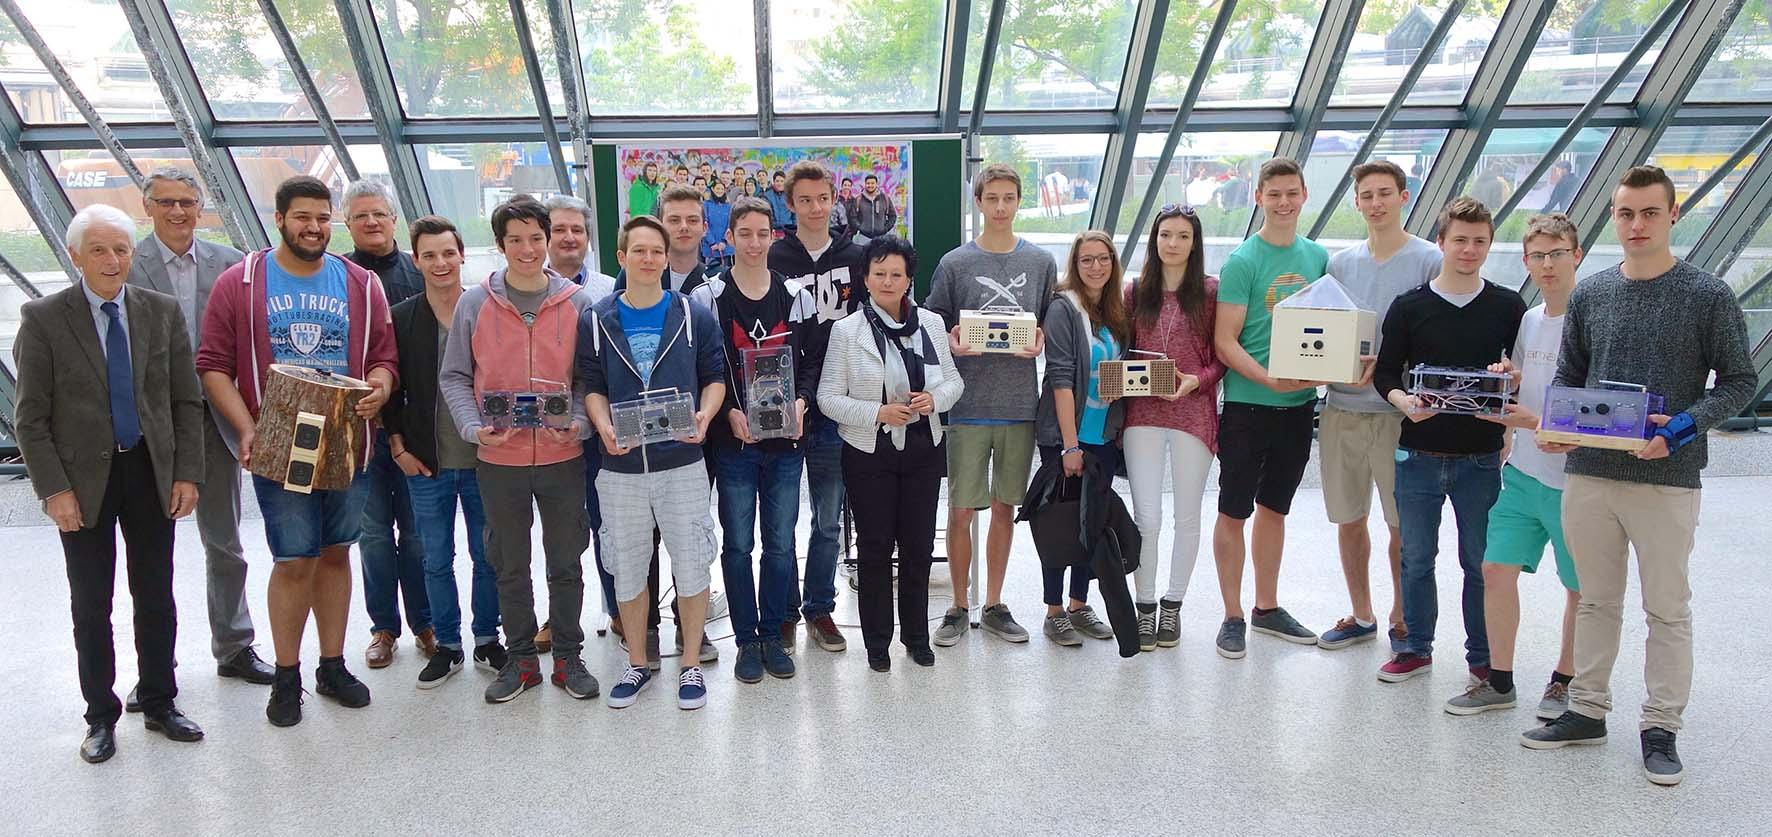 Digitalradio autocstruzione radio dab Istituto Tecnologico Max Valier di Bolzano alunni premiati